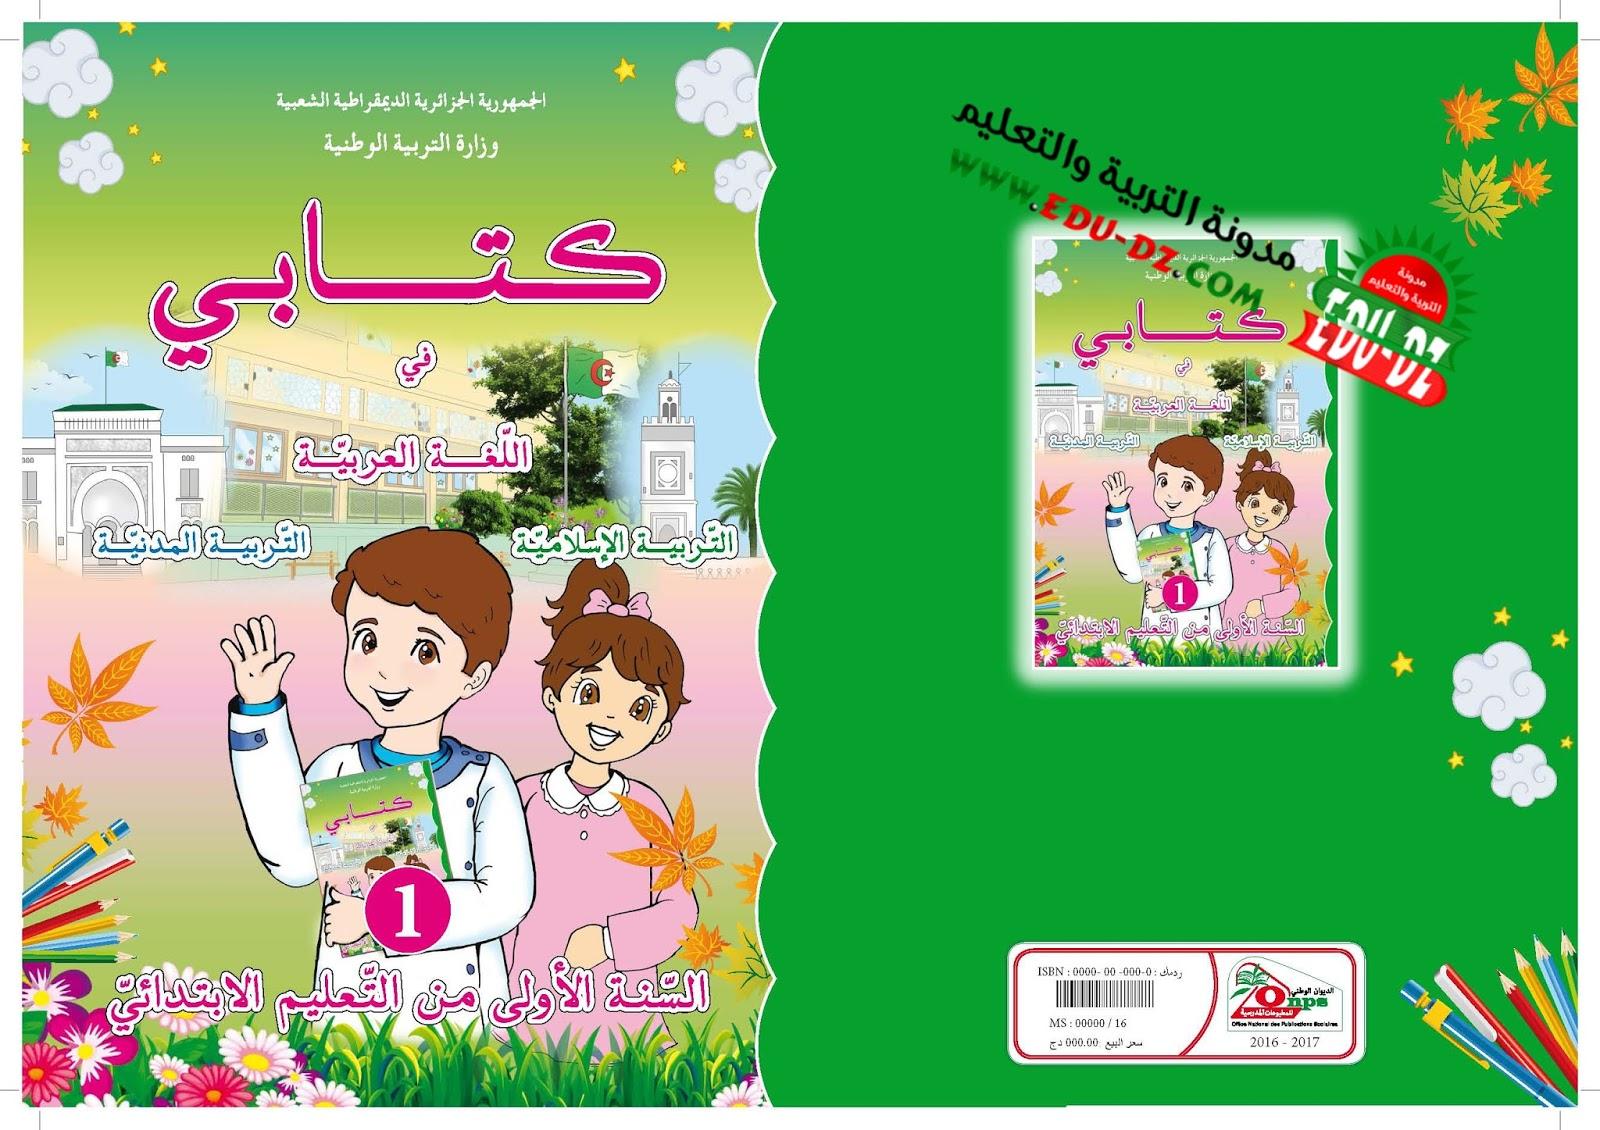 كتاب اللغة العربية التربية المدنية و التربية الإسلامية سنة 1